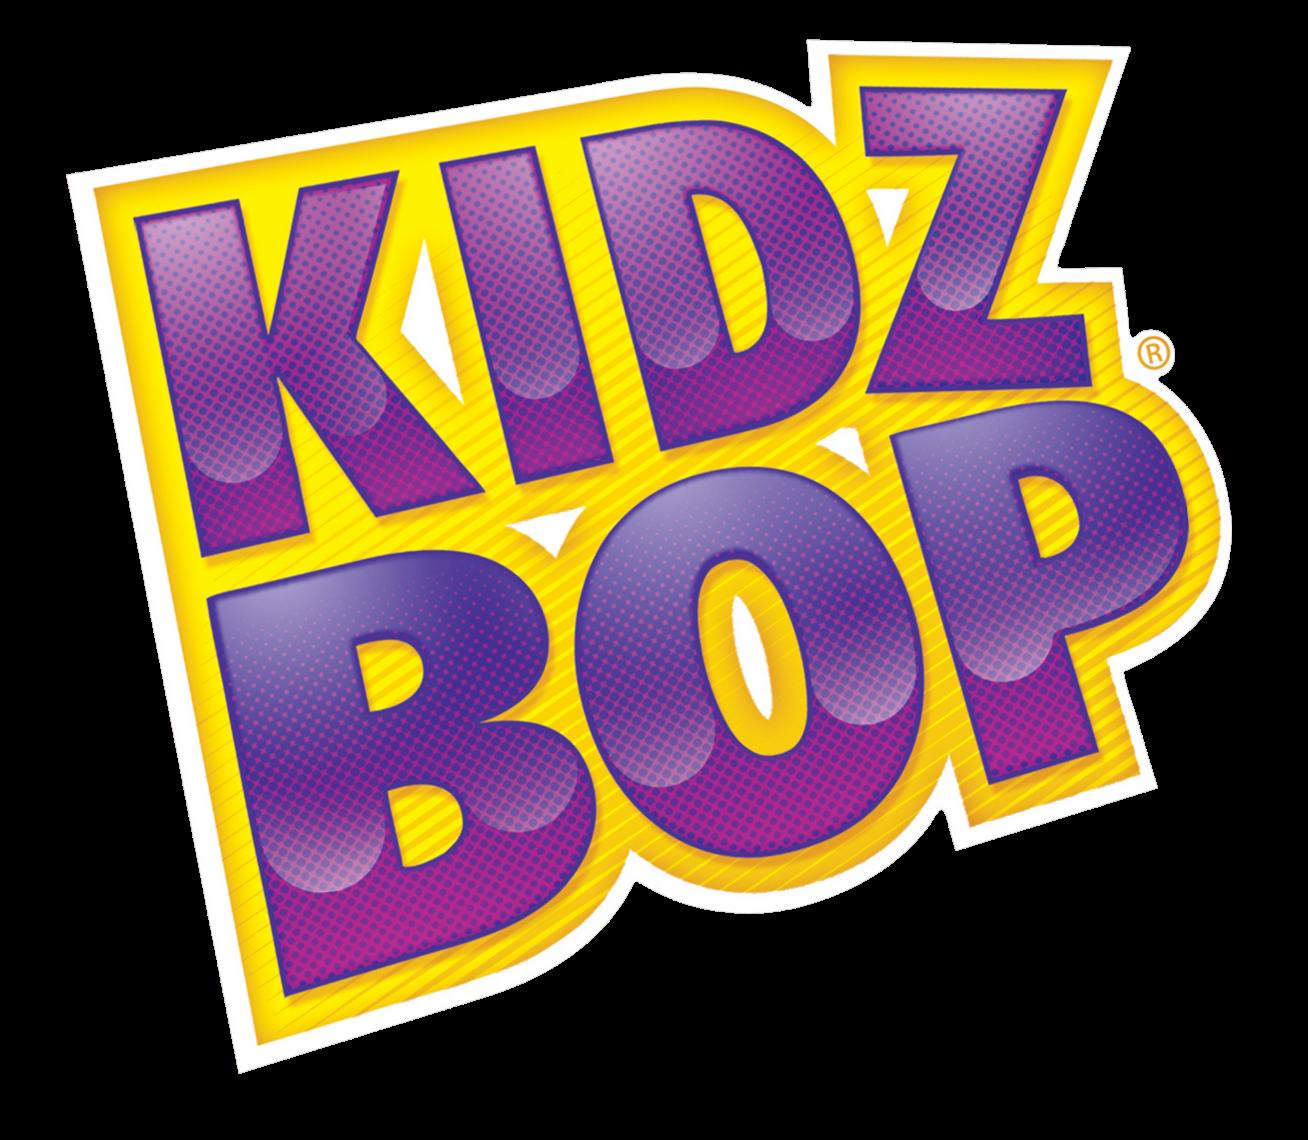 Kidz Bop Logo.